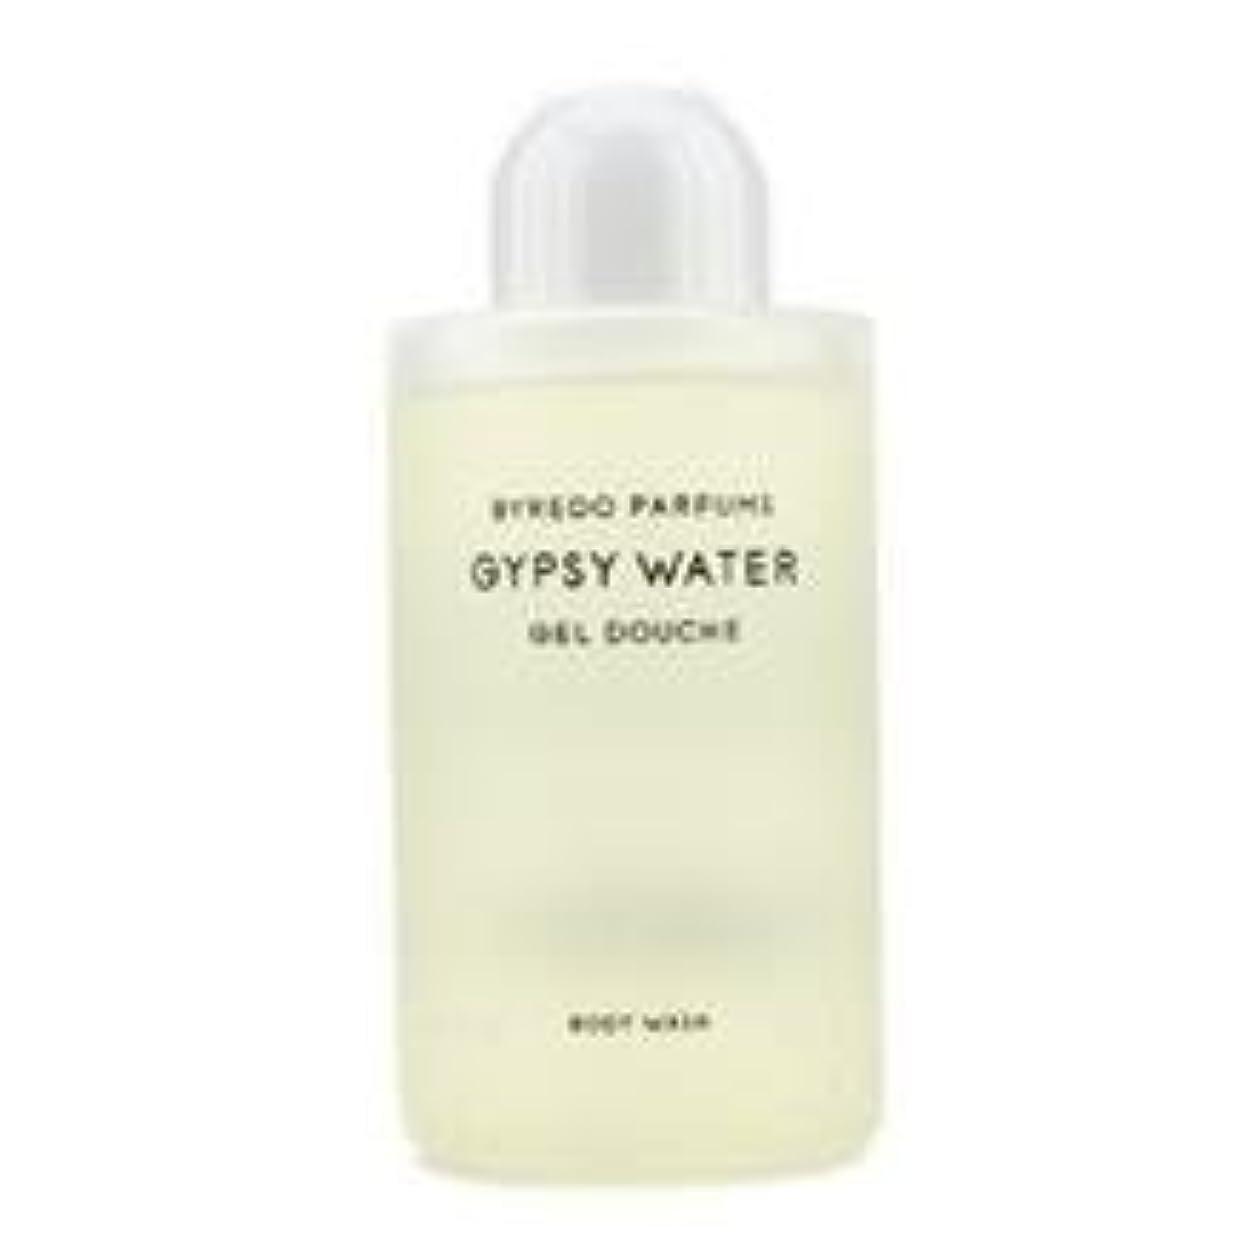 電卓倍率賞賛Byredo Gypsy Water Body Wash 225ml/7.6oz by Byredo